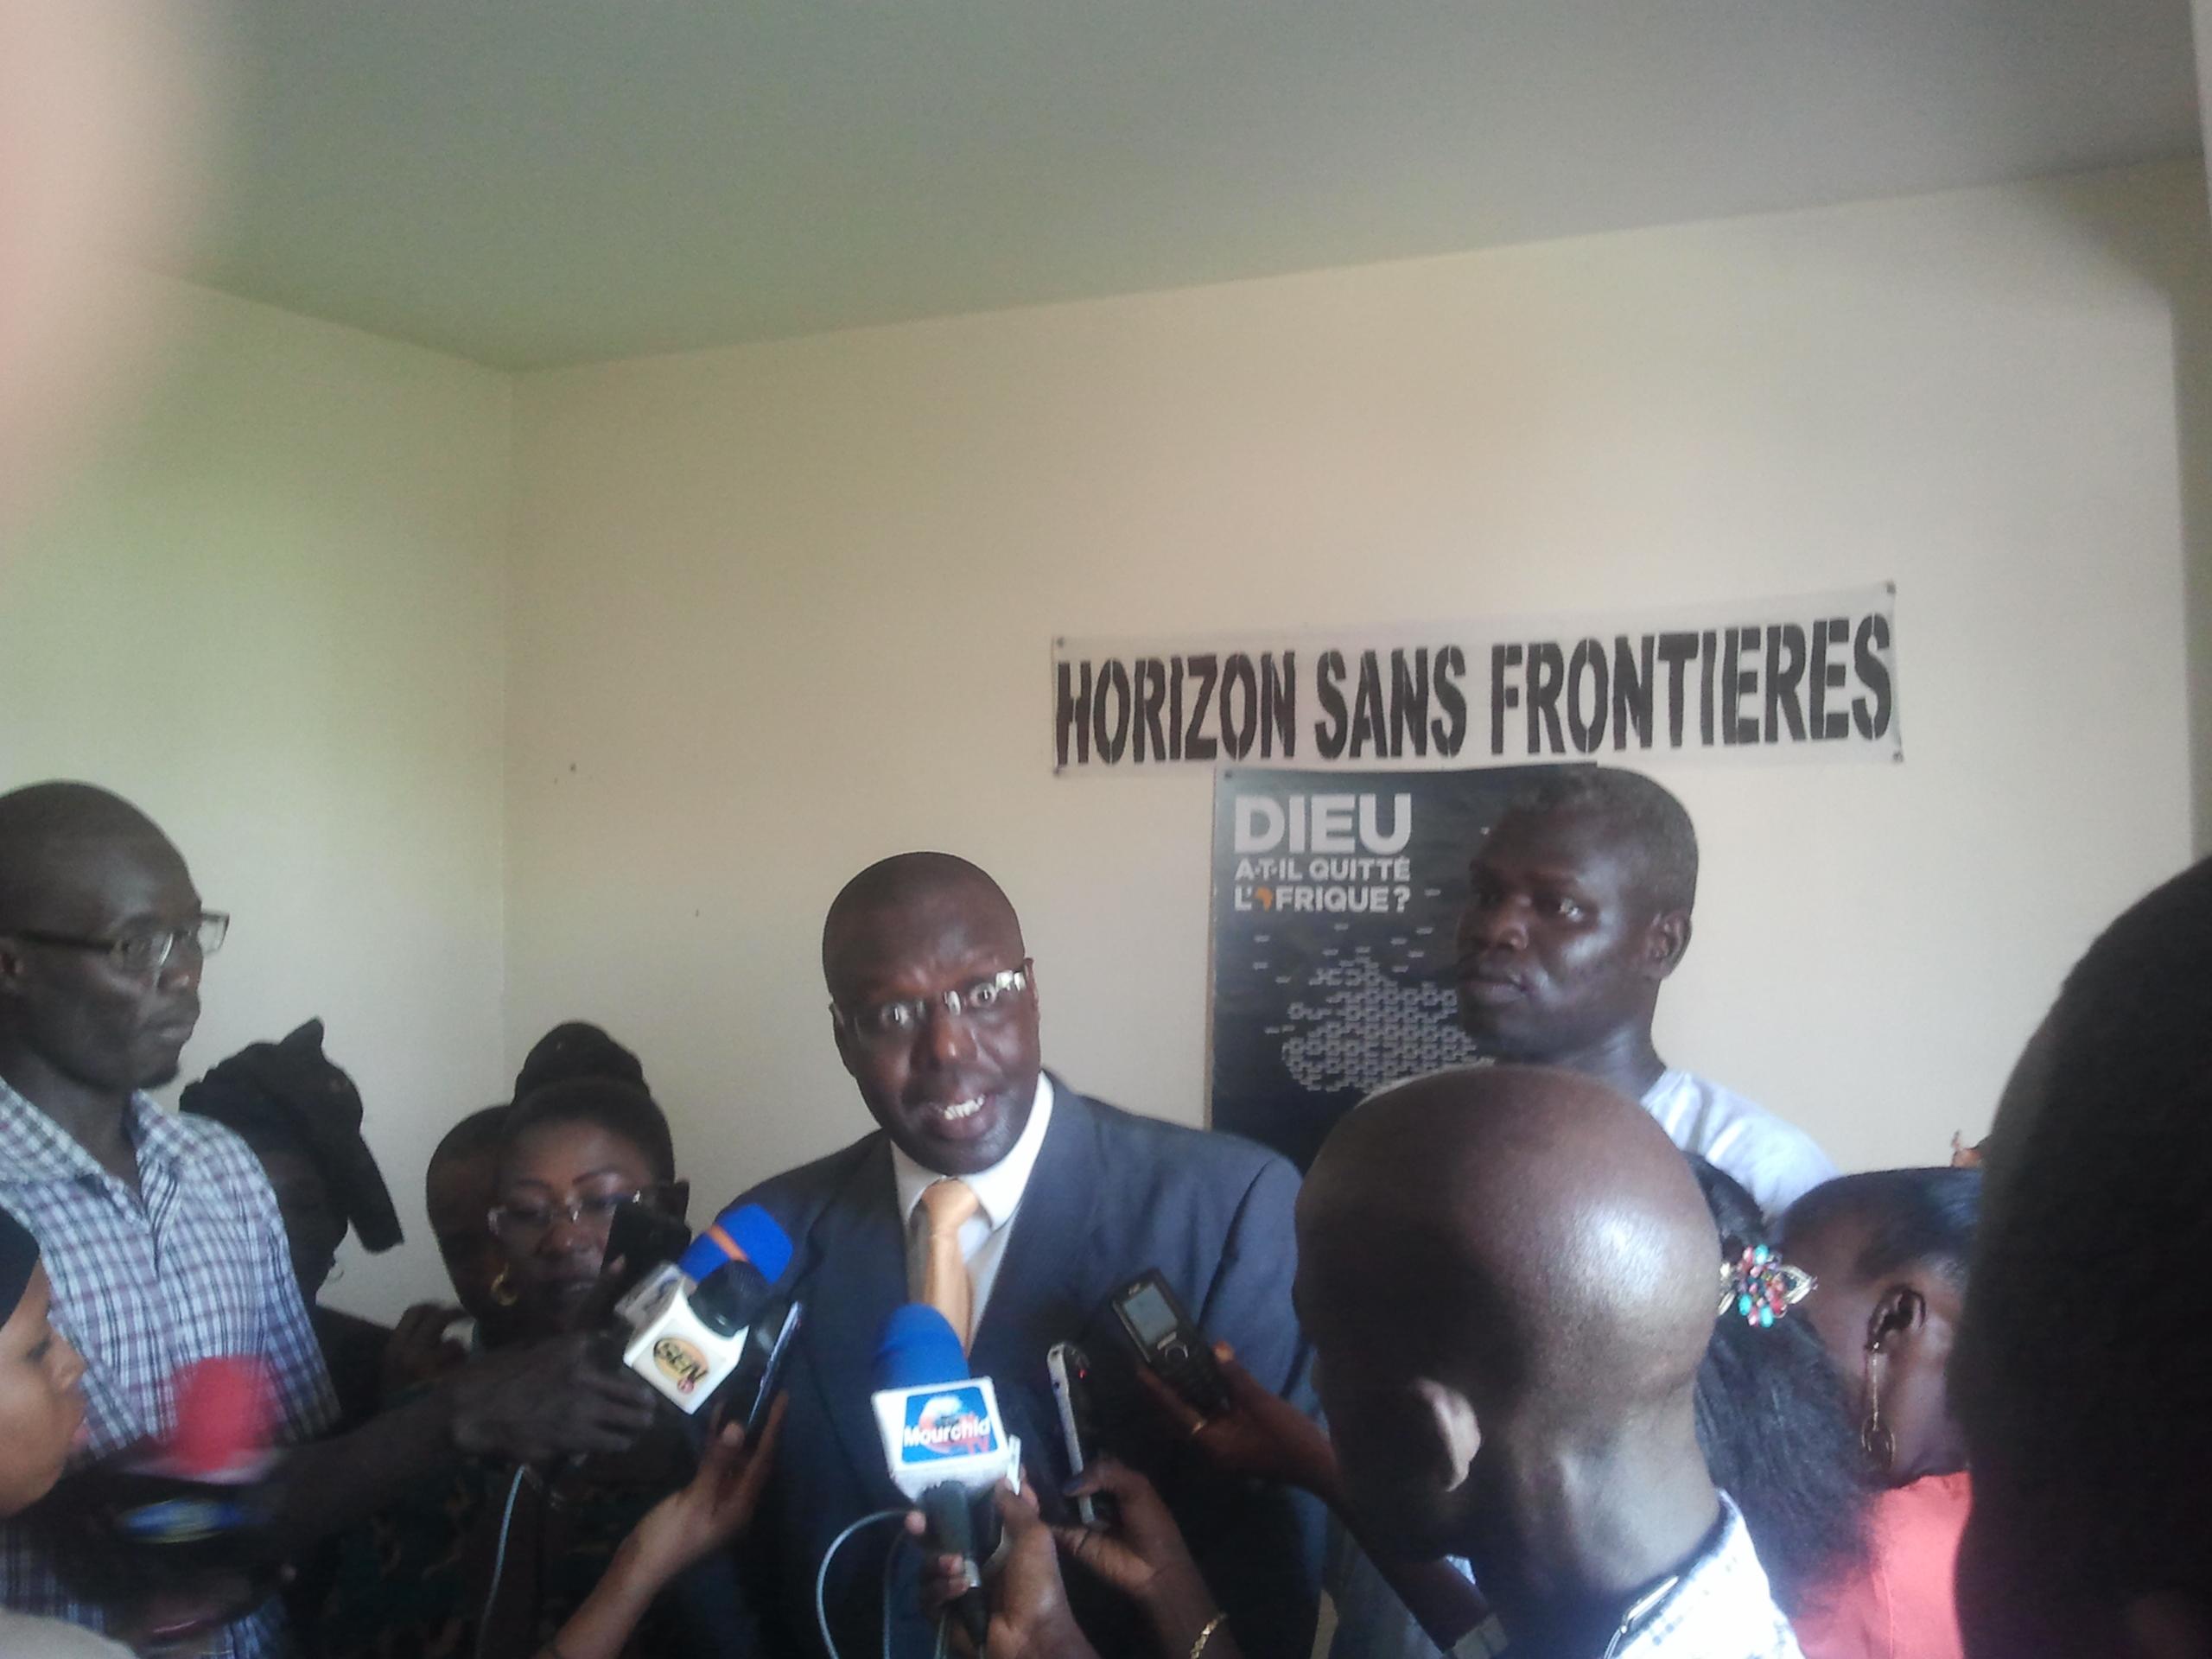 Décès  de  Moustapha Kebe au Gabon : Horizon Sans Frontières  exige une autopsie et  la convocation de l'ambassadeur